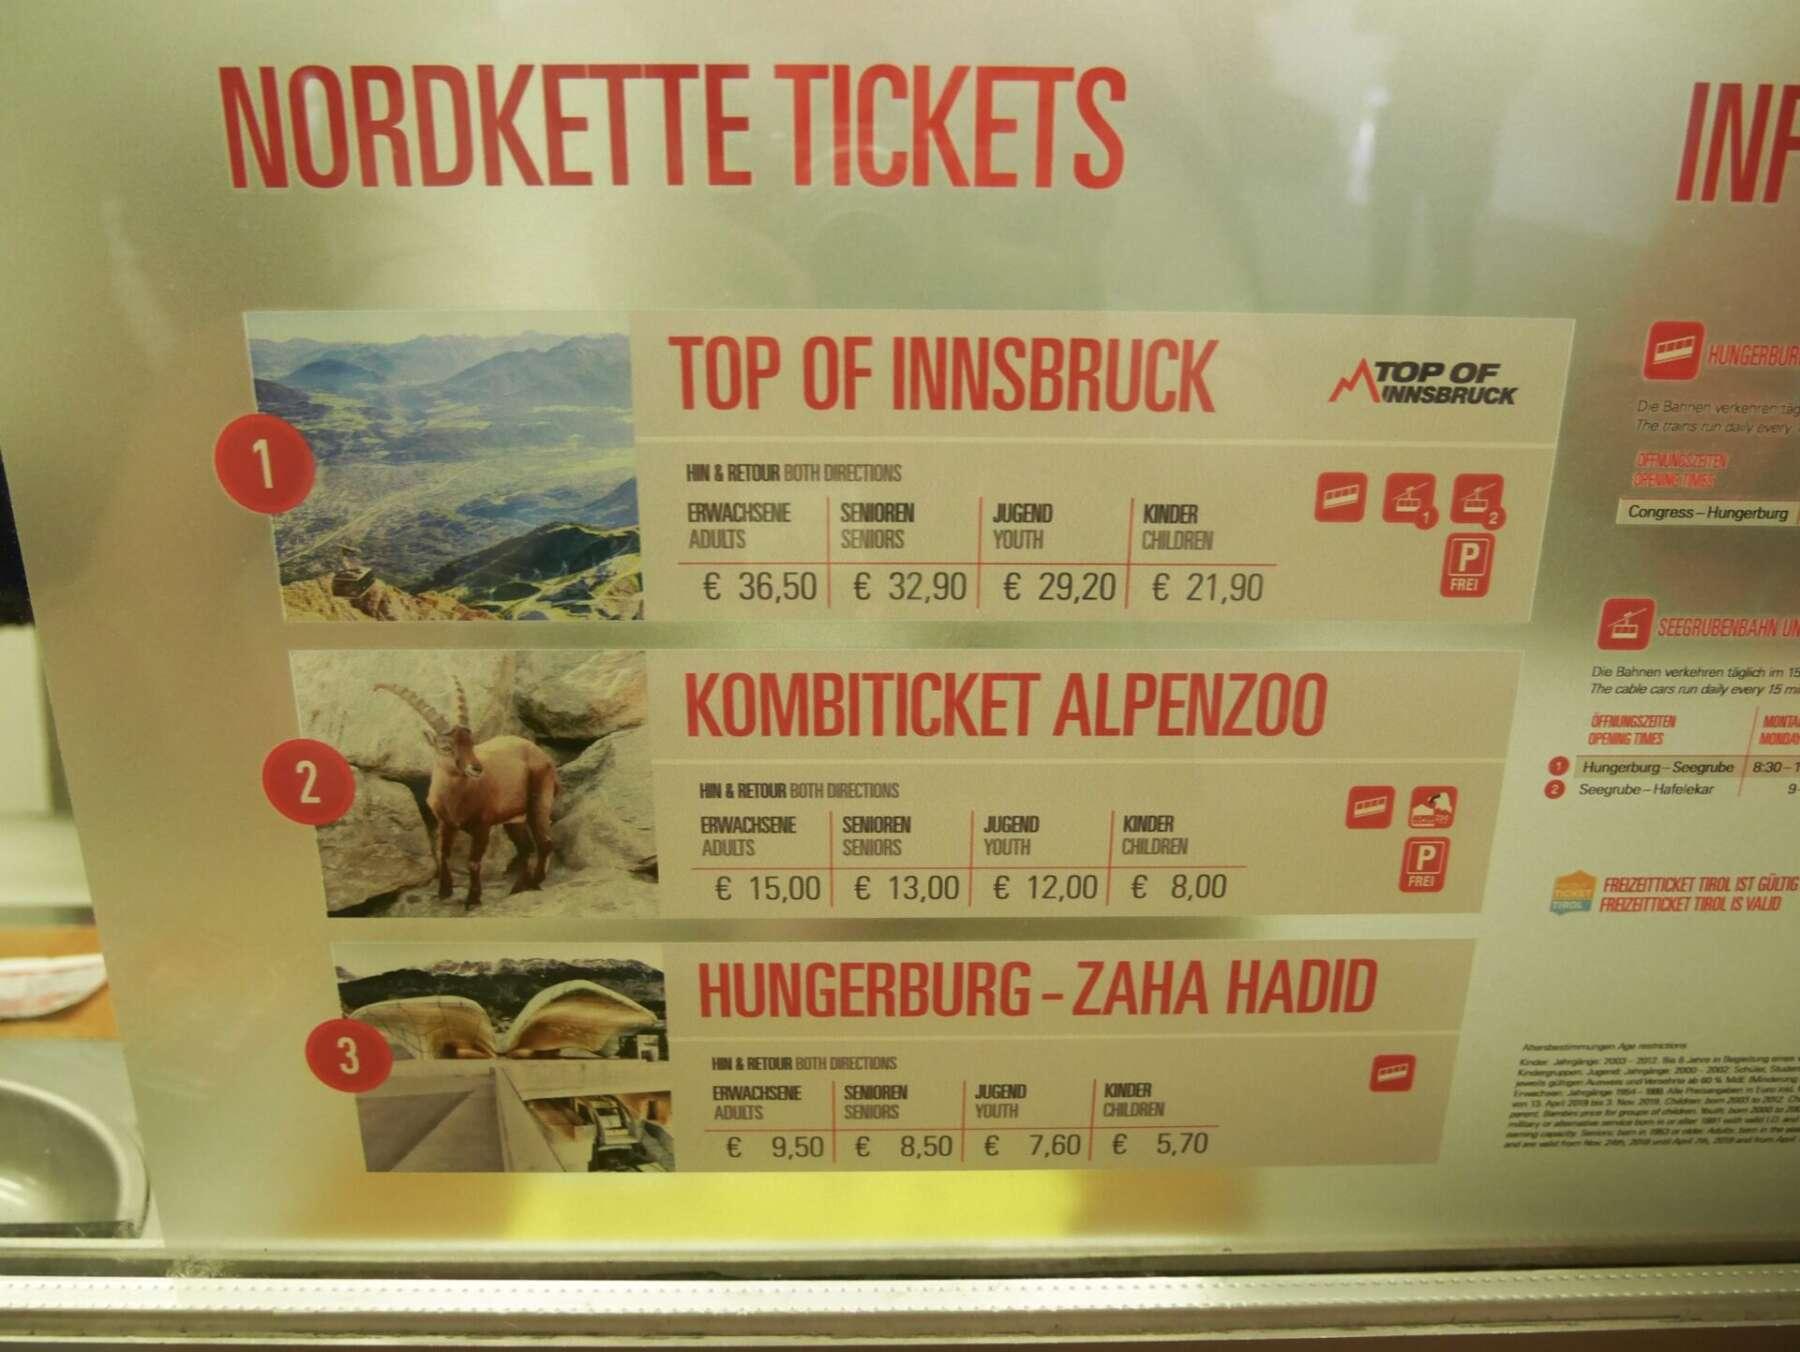 เคเบิ้ลคาร์ในเมืองอินส์บรุค (Nordkette Cable Car)